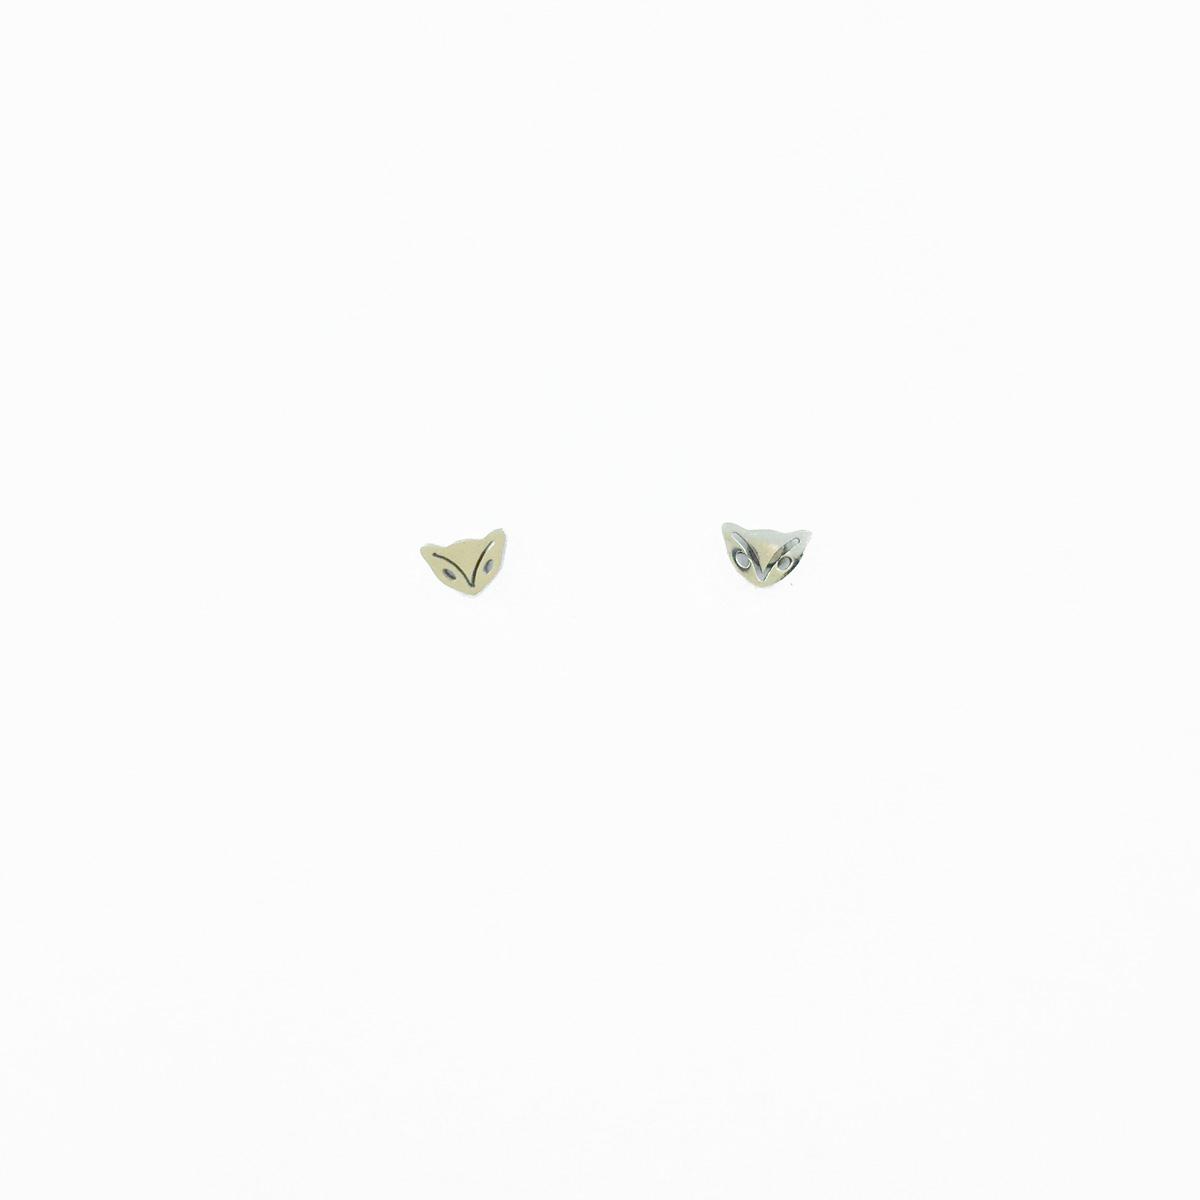 韓國 不鏽鋼 表情 動物 可愛清新款 銀色 後轉耳針式耳環